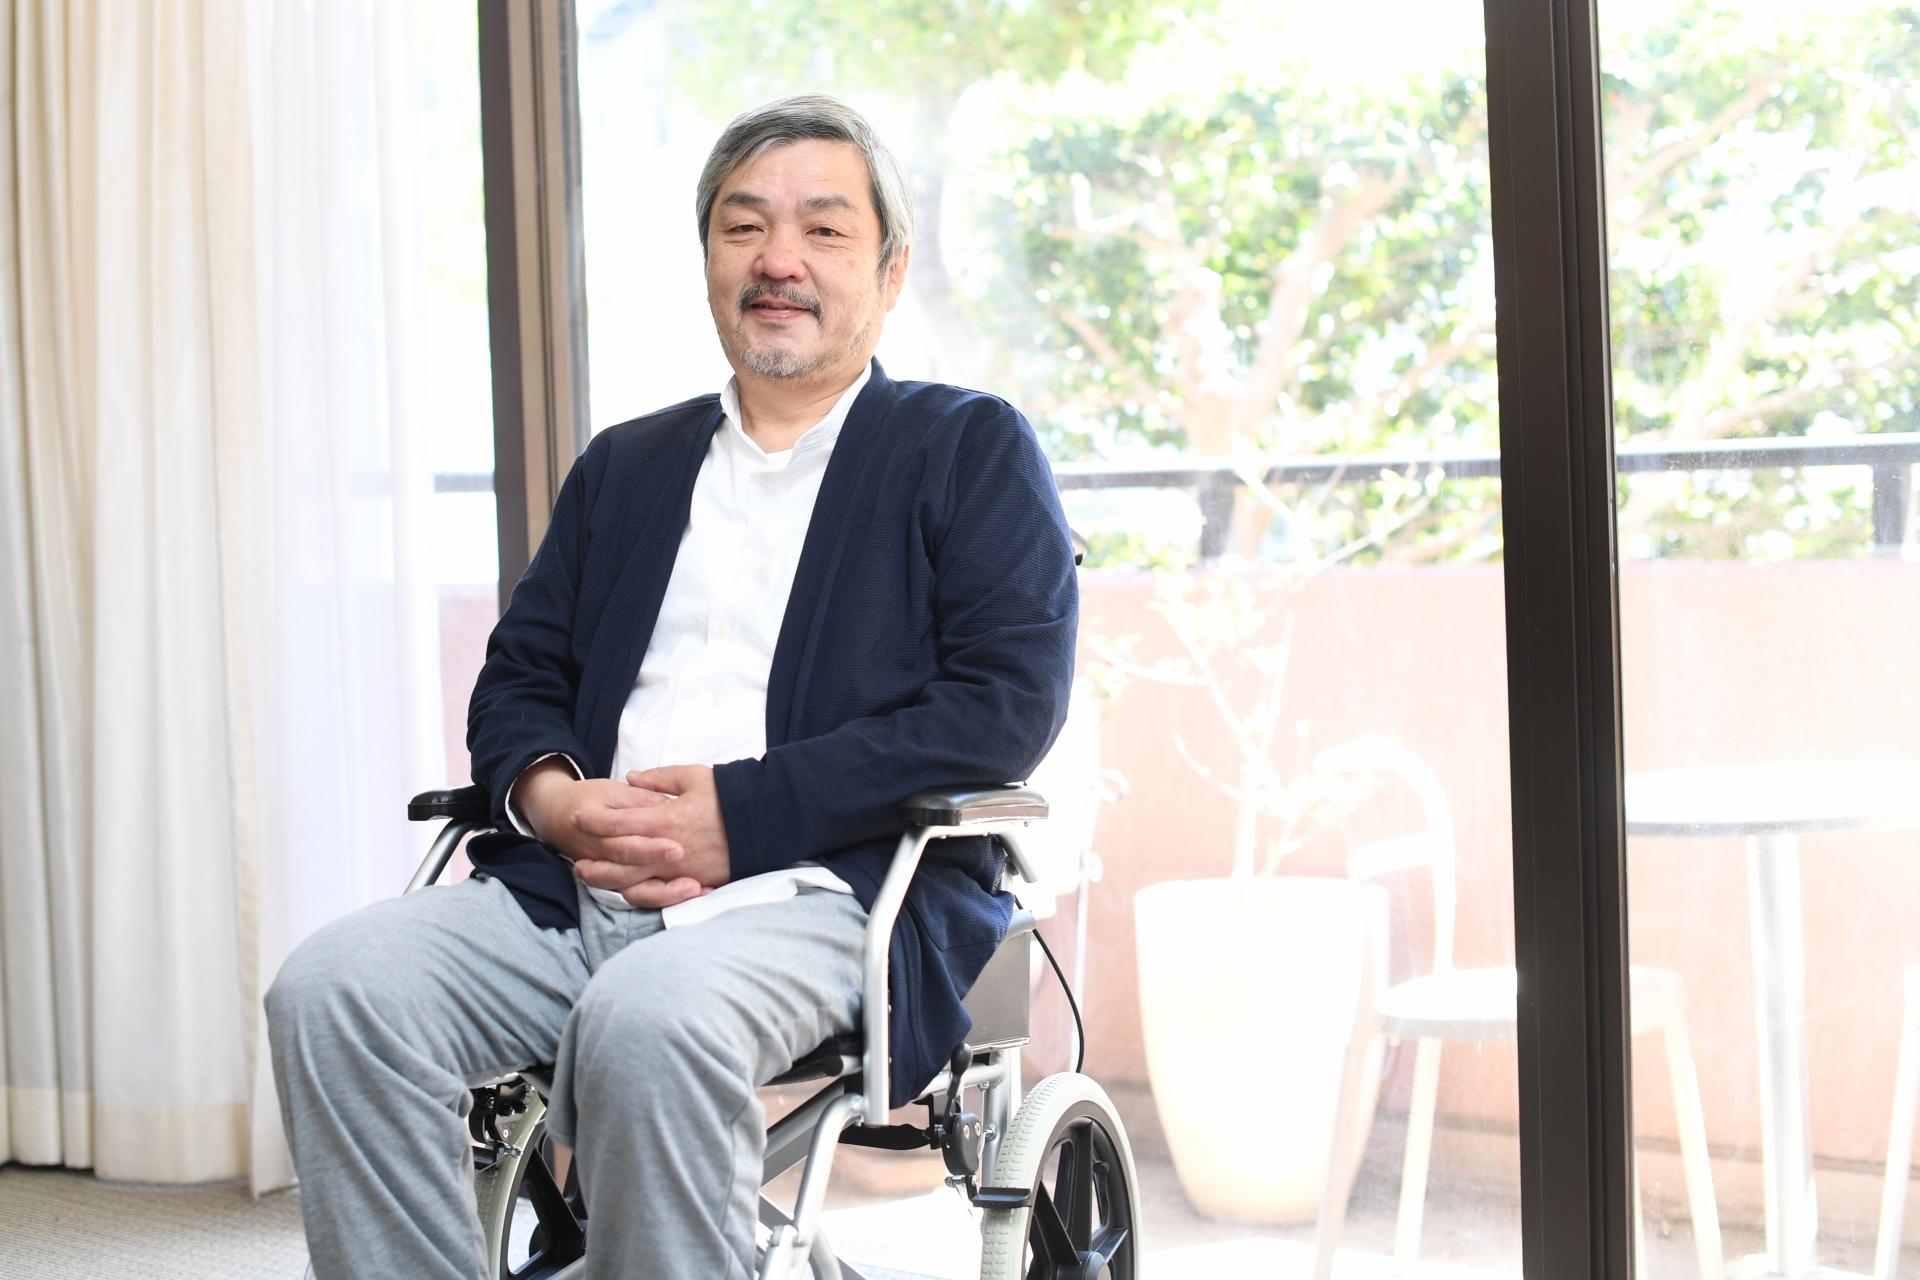 家電操作、玄関の開け閉め、車椅子生活での困ったとIoT機器を活用した解決方法